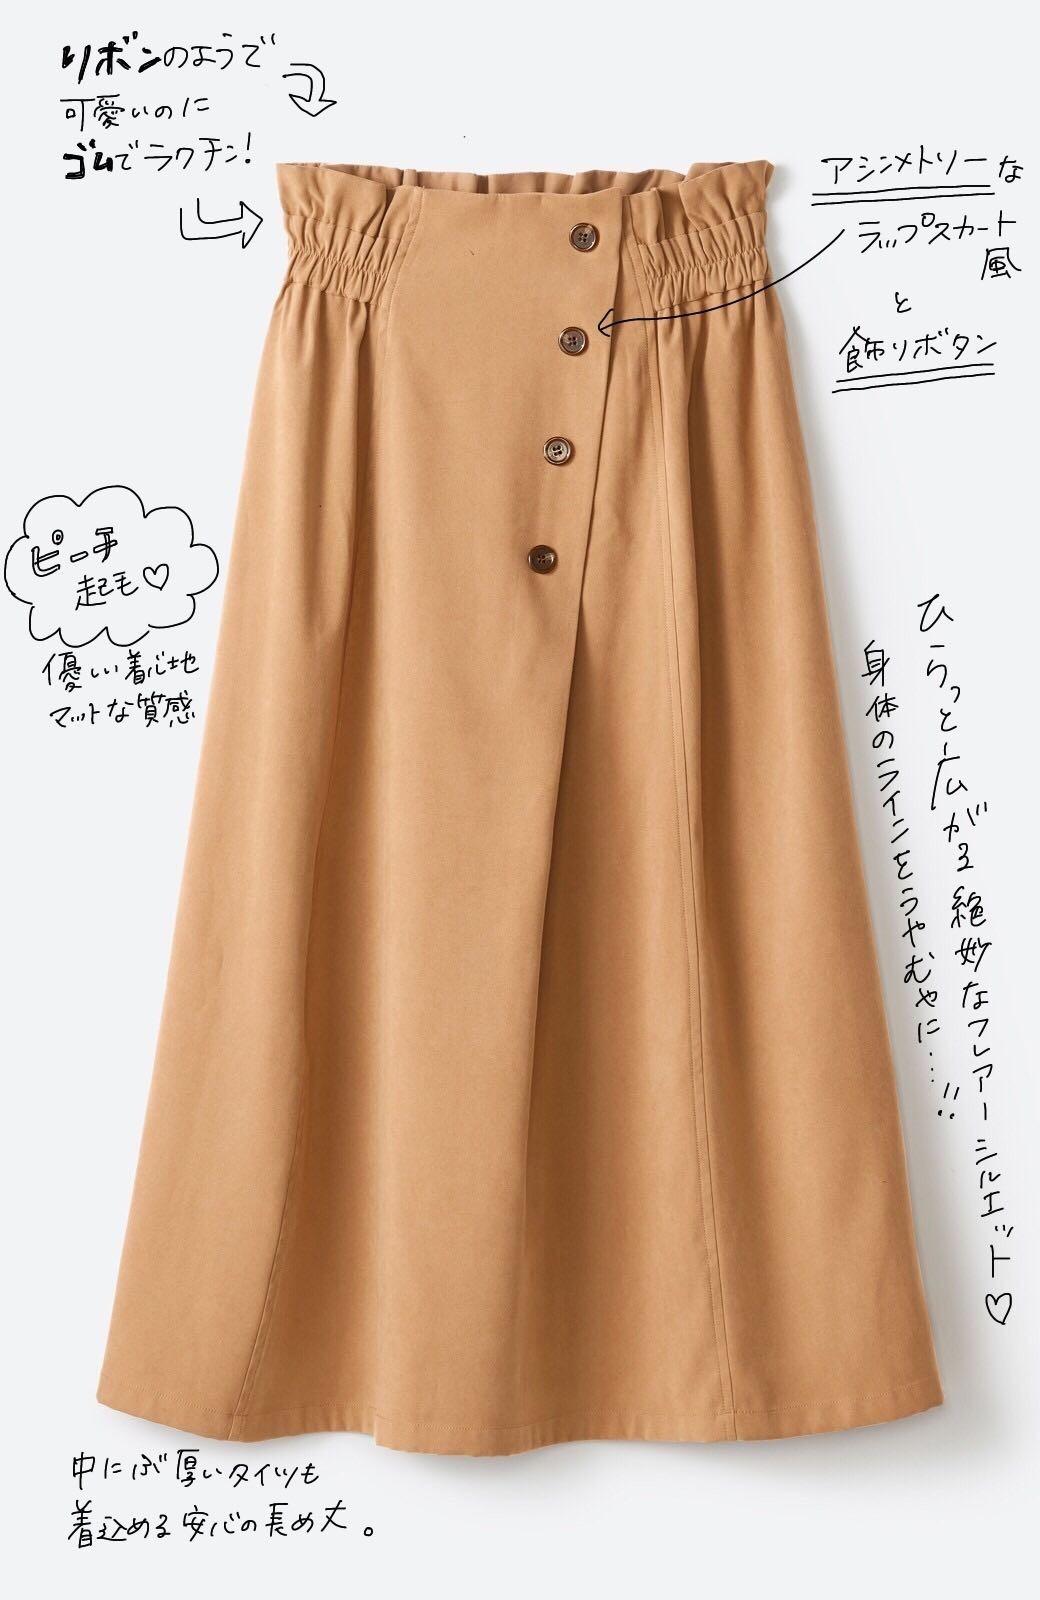 haco! 楽ちんなのにきれい見せが叶う ボタンがポイントの大人スカート <ベージュ>の商品写真2